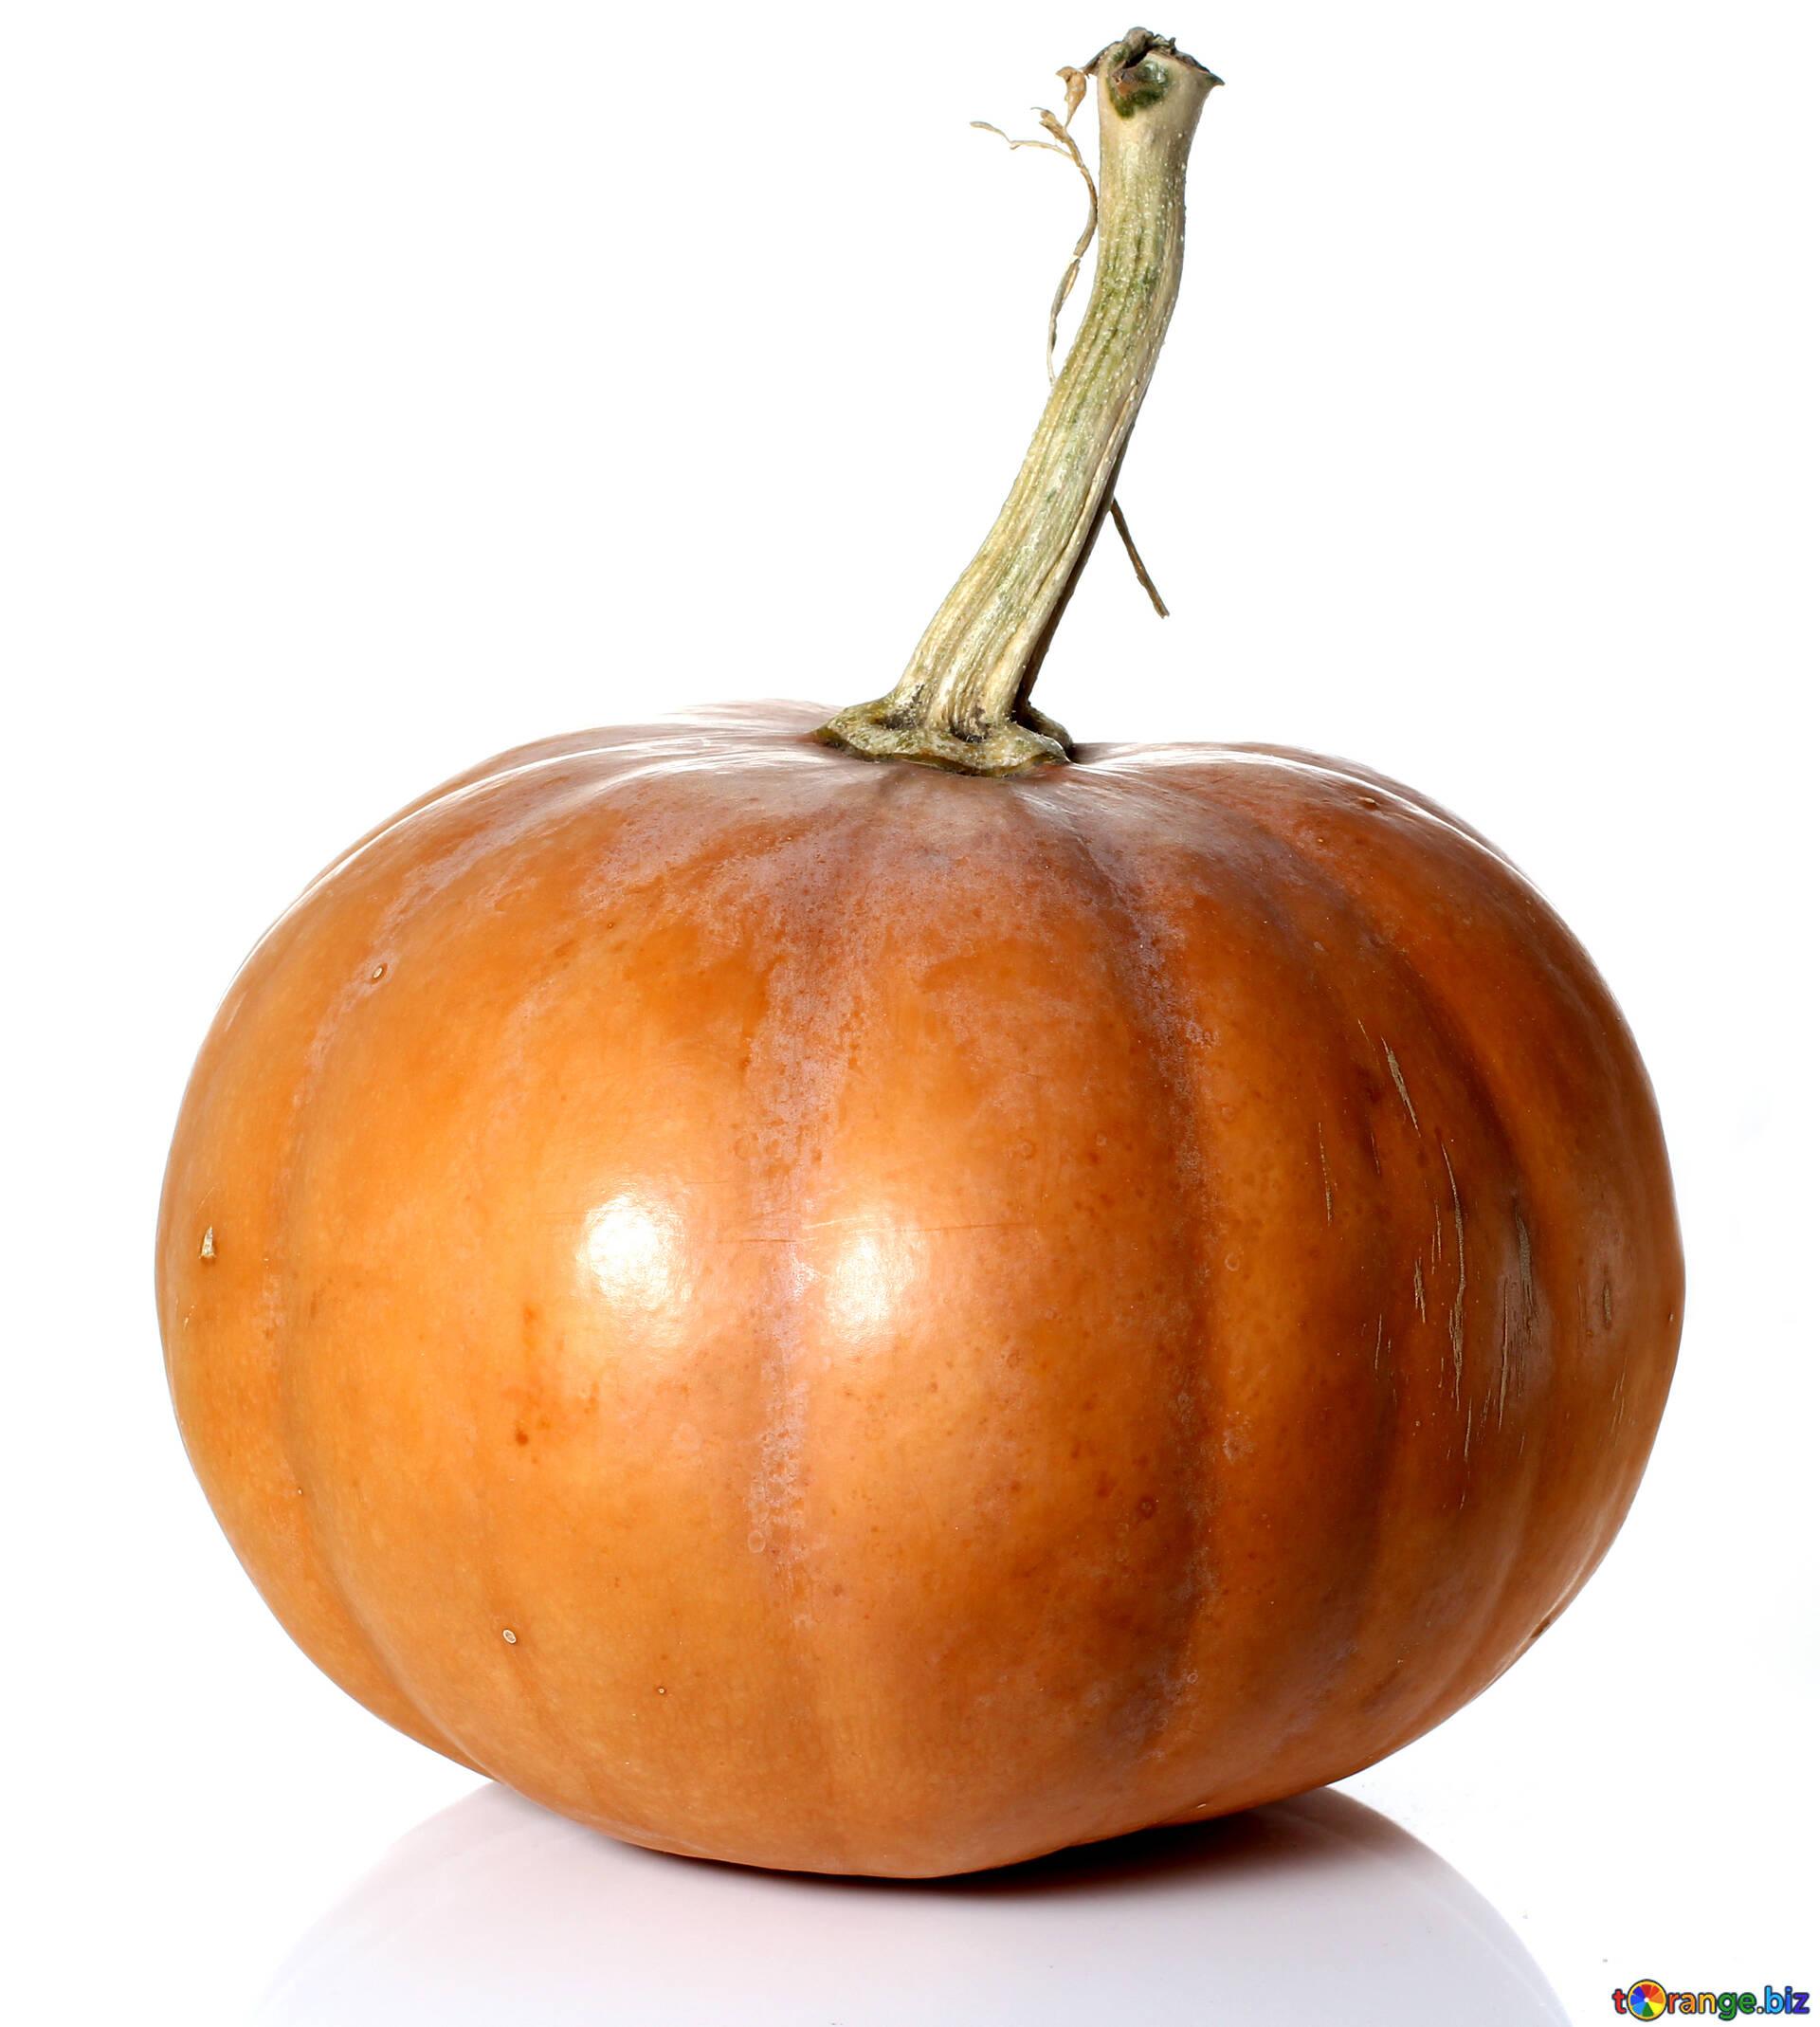 Pumpkin Isolated On White Background Orange Pumpkin In